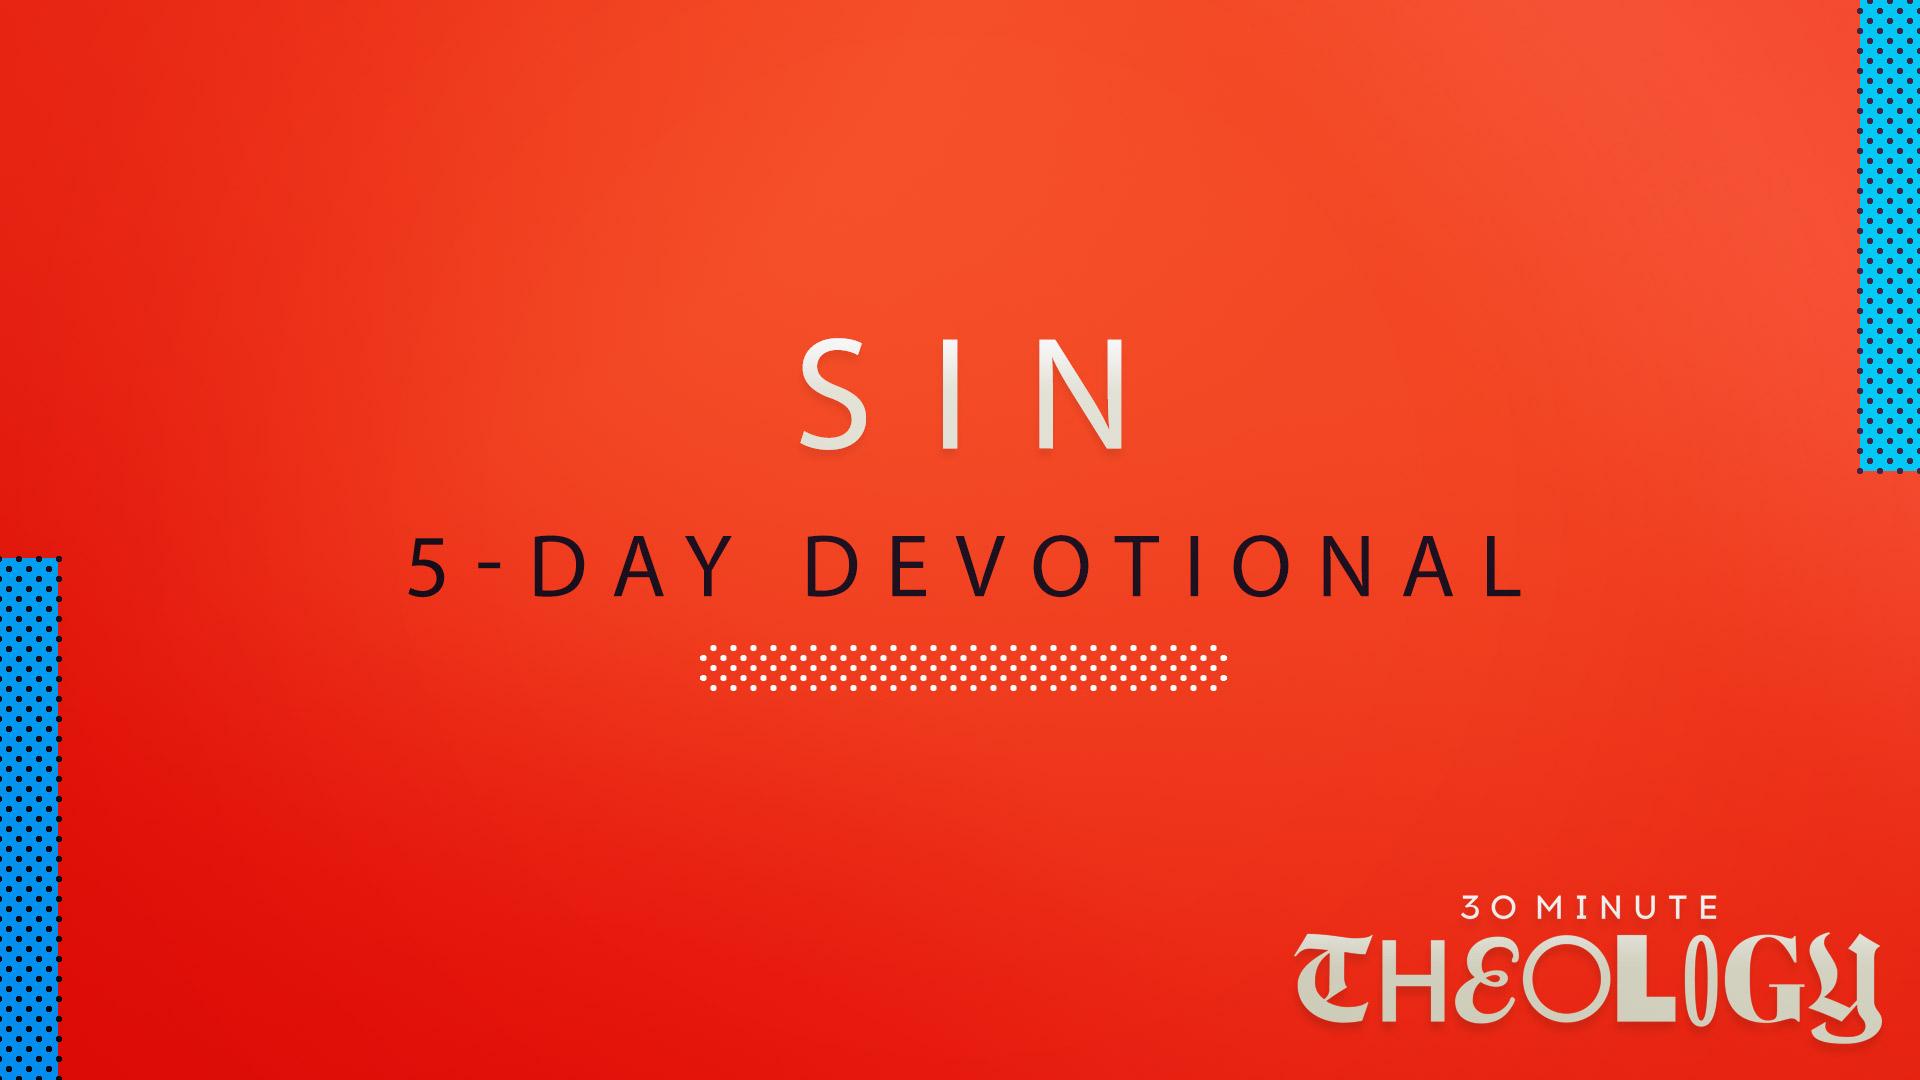 5-Day Devotional on Sin